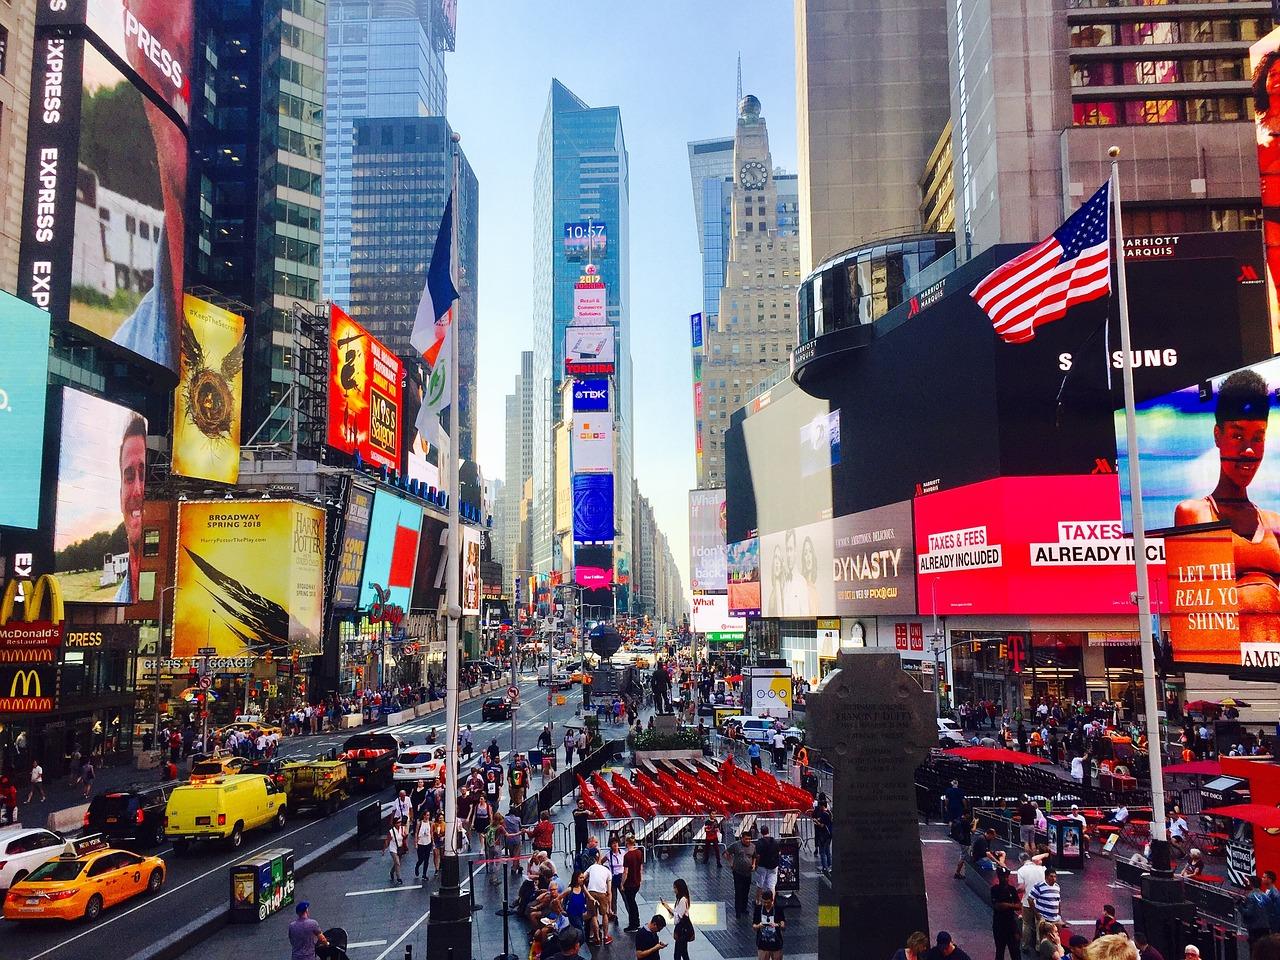 ニューヨークの街で出会った物珍しいもの   まのすけの『米国株』と ...